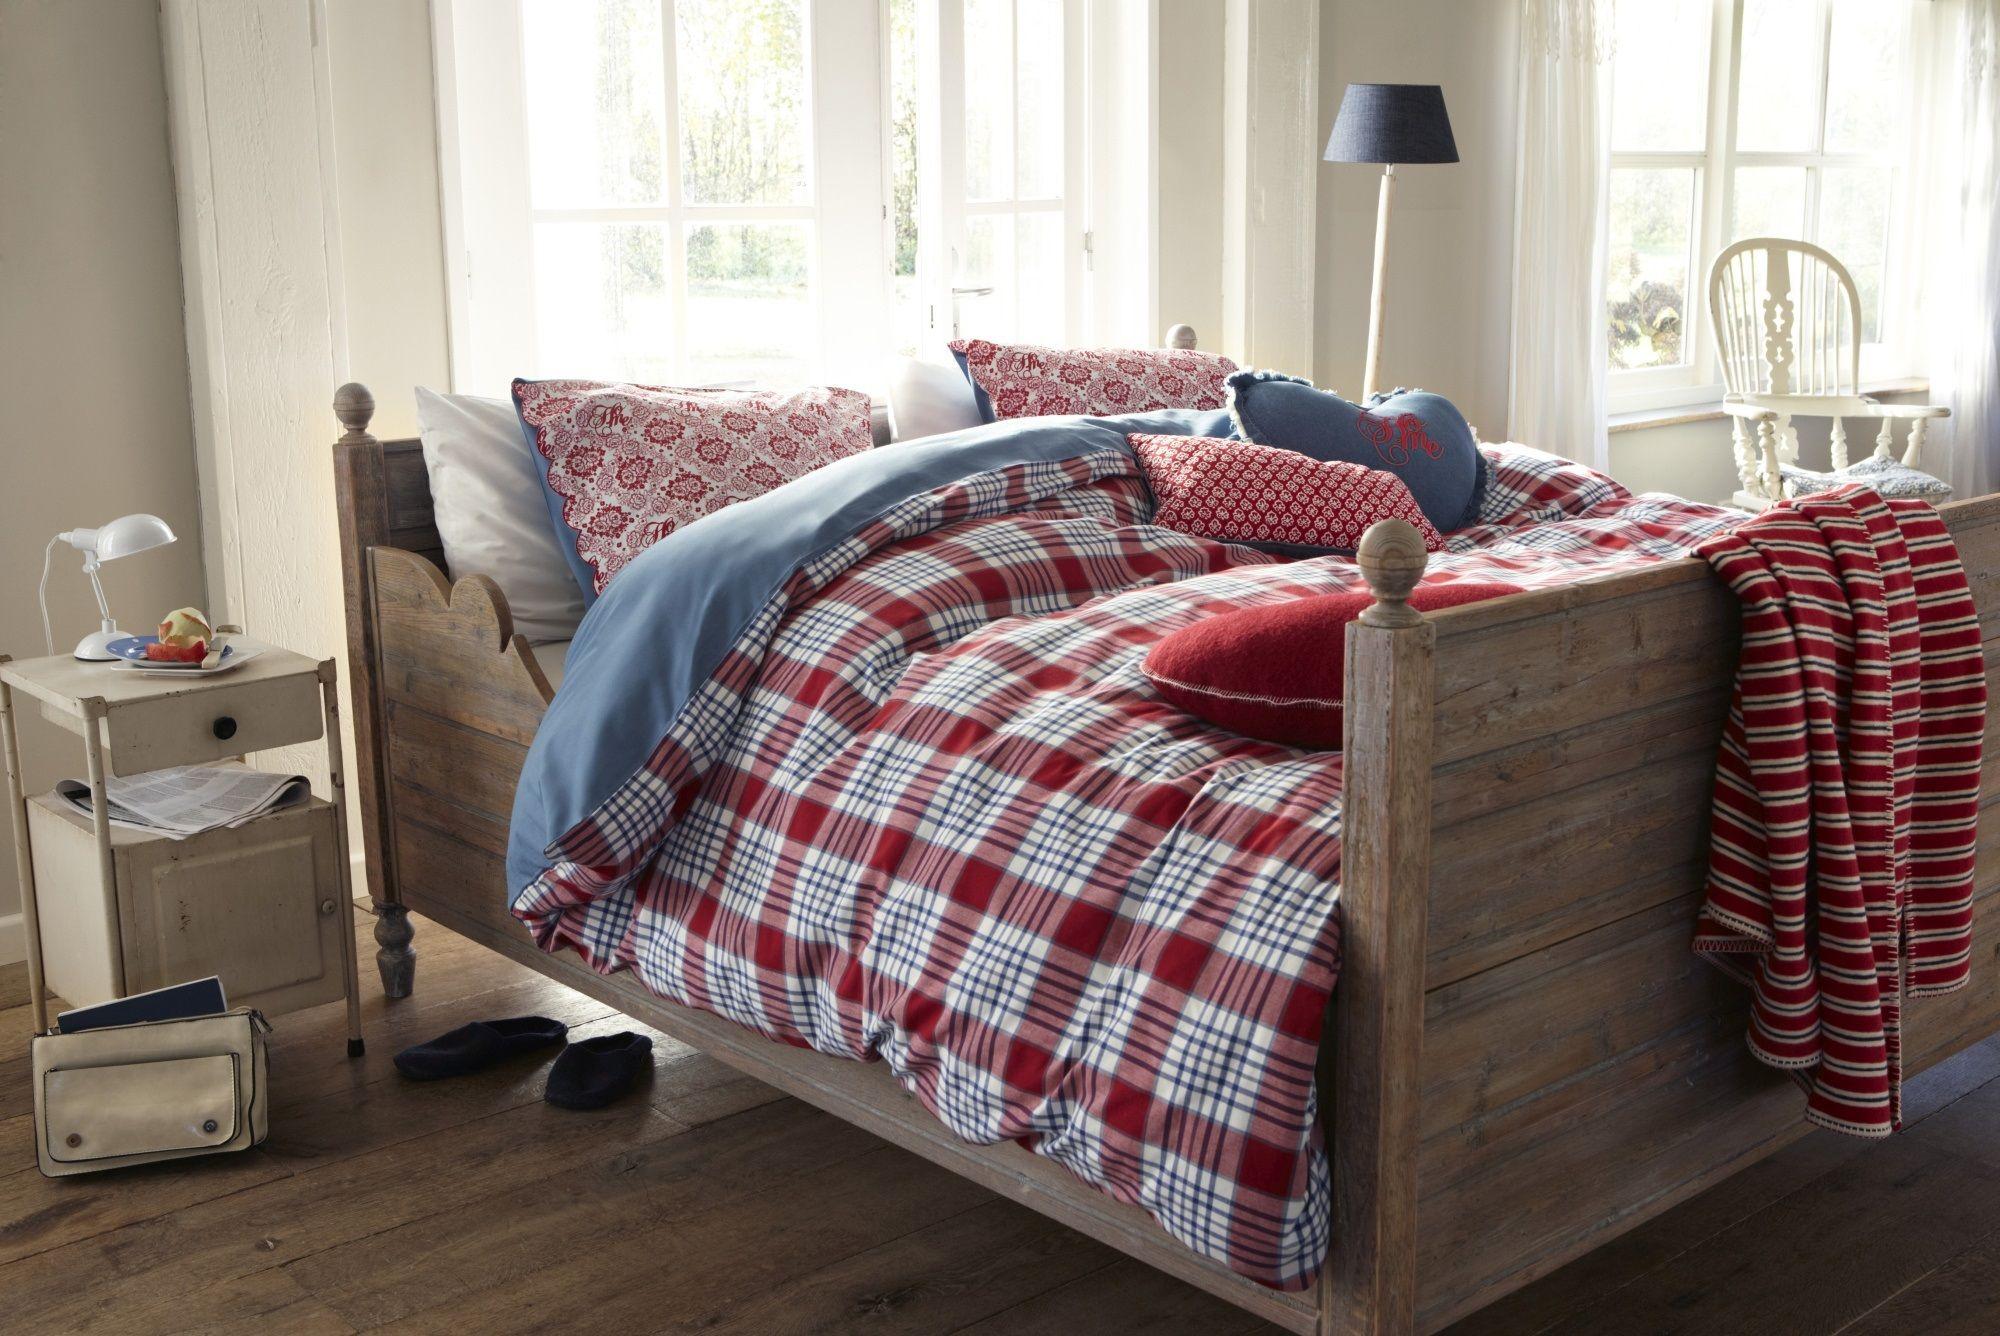 At home slaapkamer google zoeken verjaardag versiering